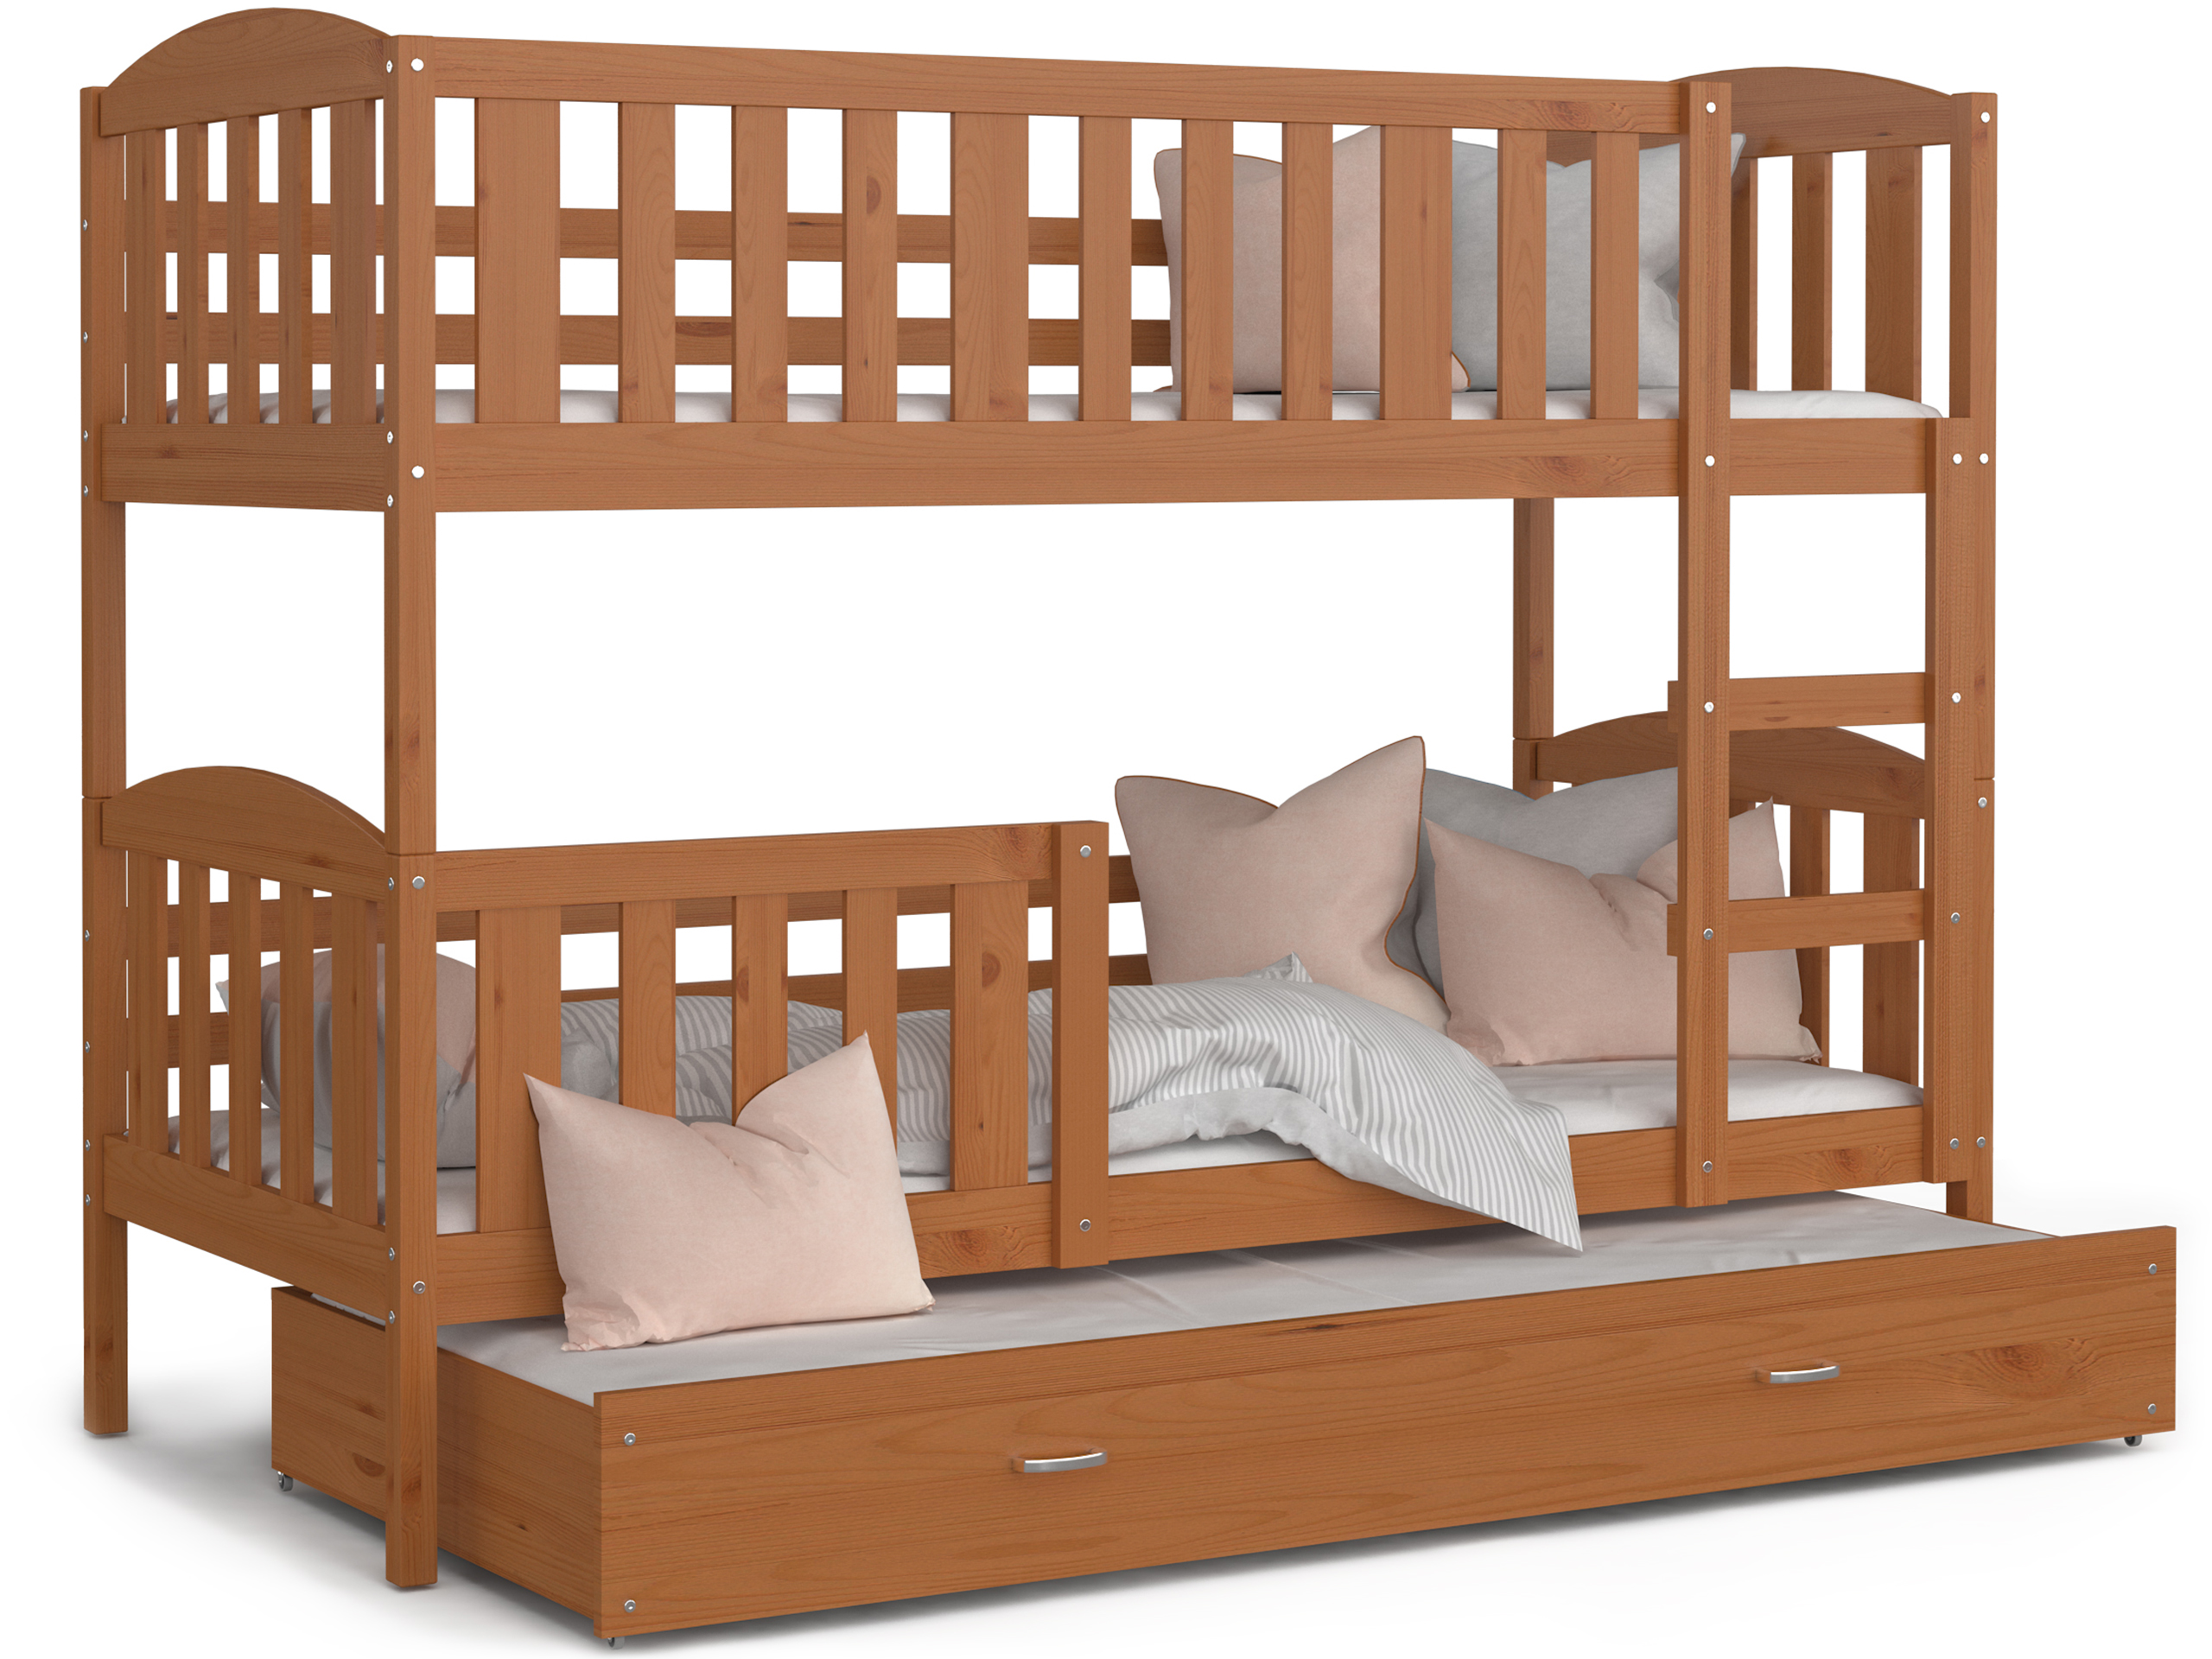 ArtAJ Detská poschodová posteľ Kubuš 3 | 190 x 80 cm Farba: Jelša, Prevedenie: bez matraca, Rozmer.: drevo